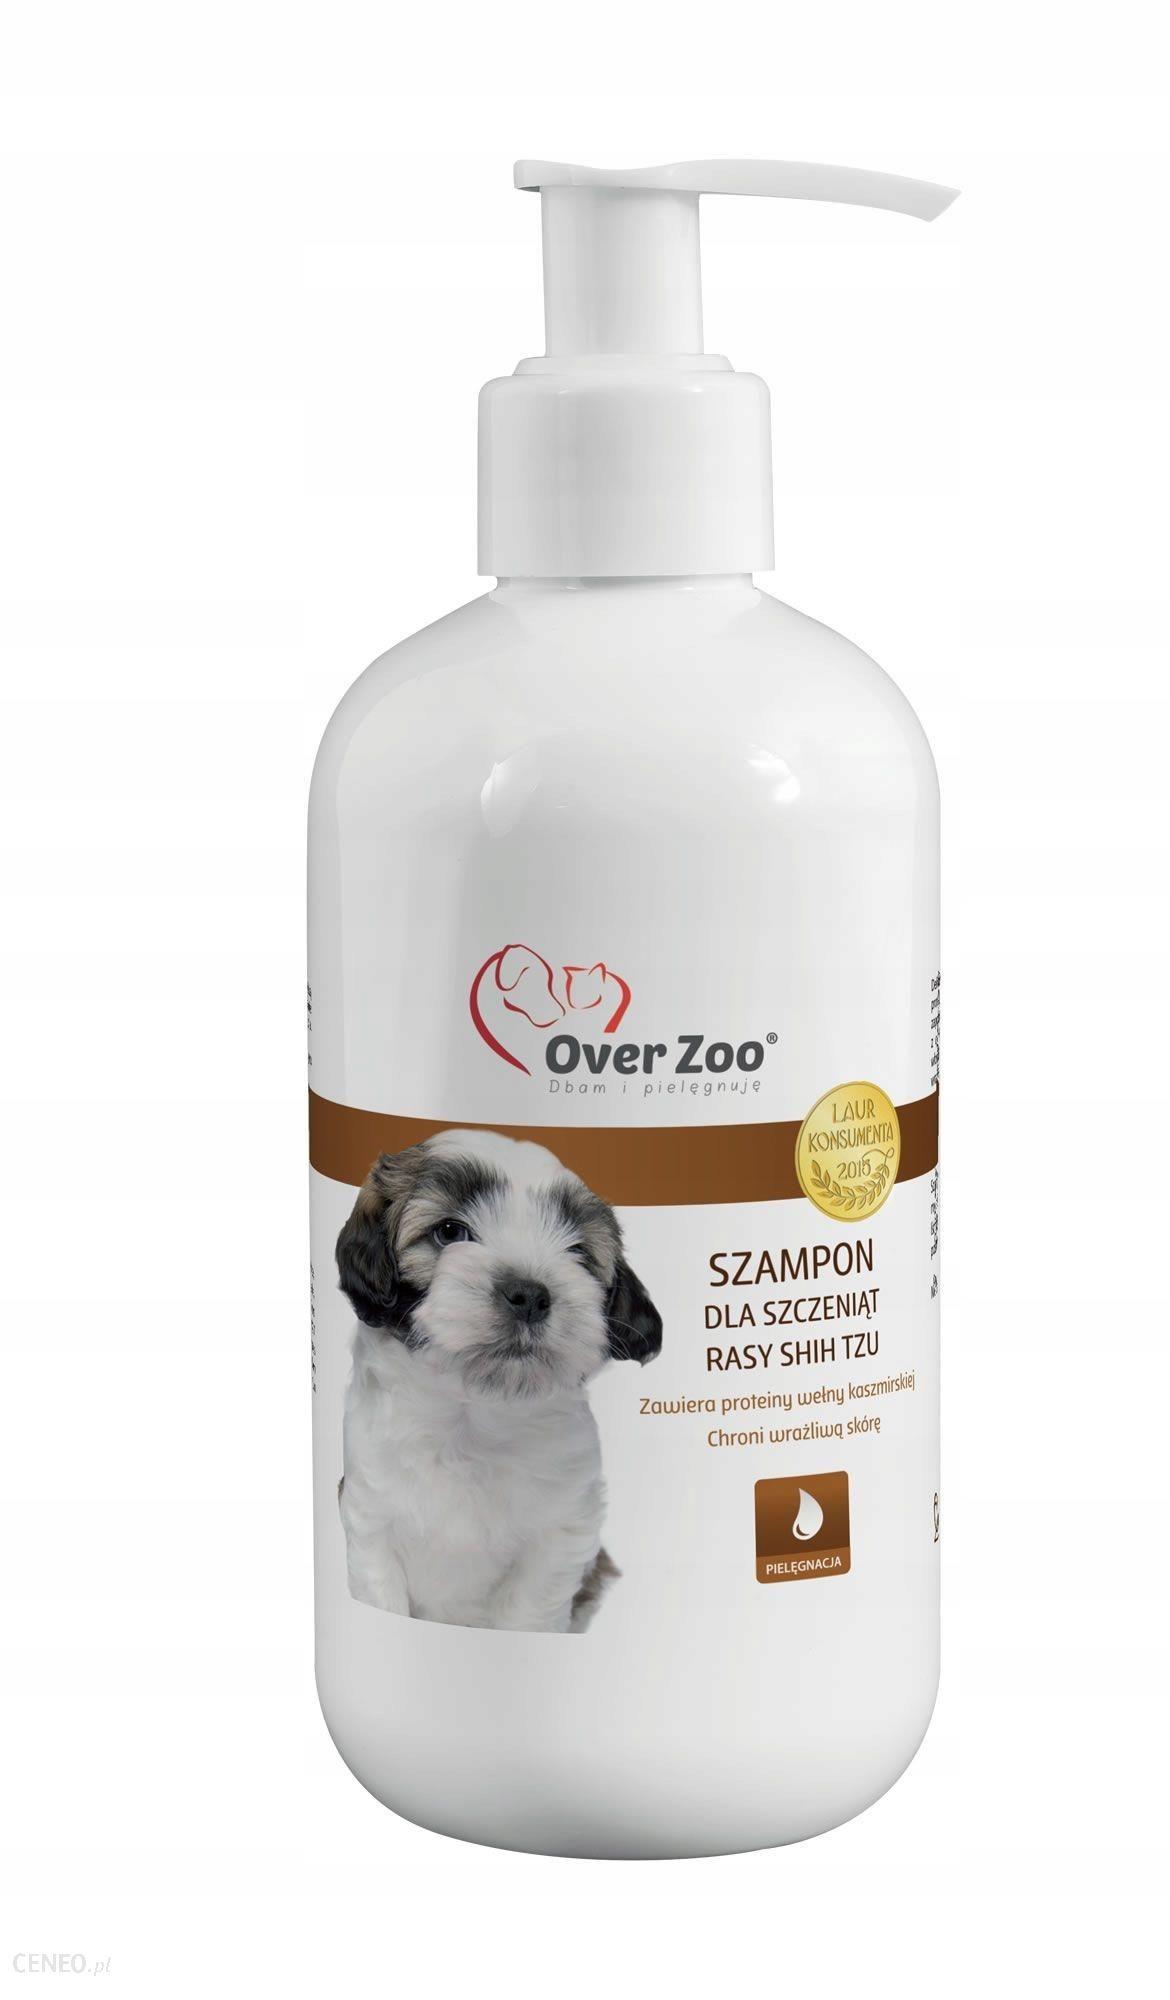 Over Zoo Szampon Dla Szczeniąt Rasy Shih Tzu 250Ml